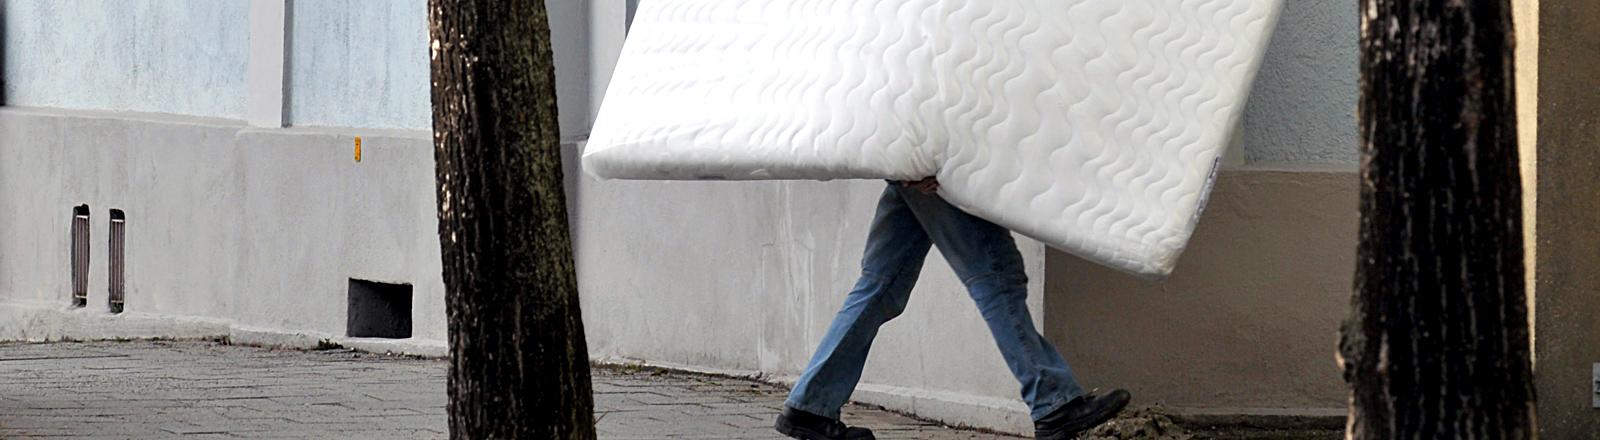 Ein Mann trägt einen Matratze auf der Straße.